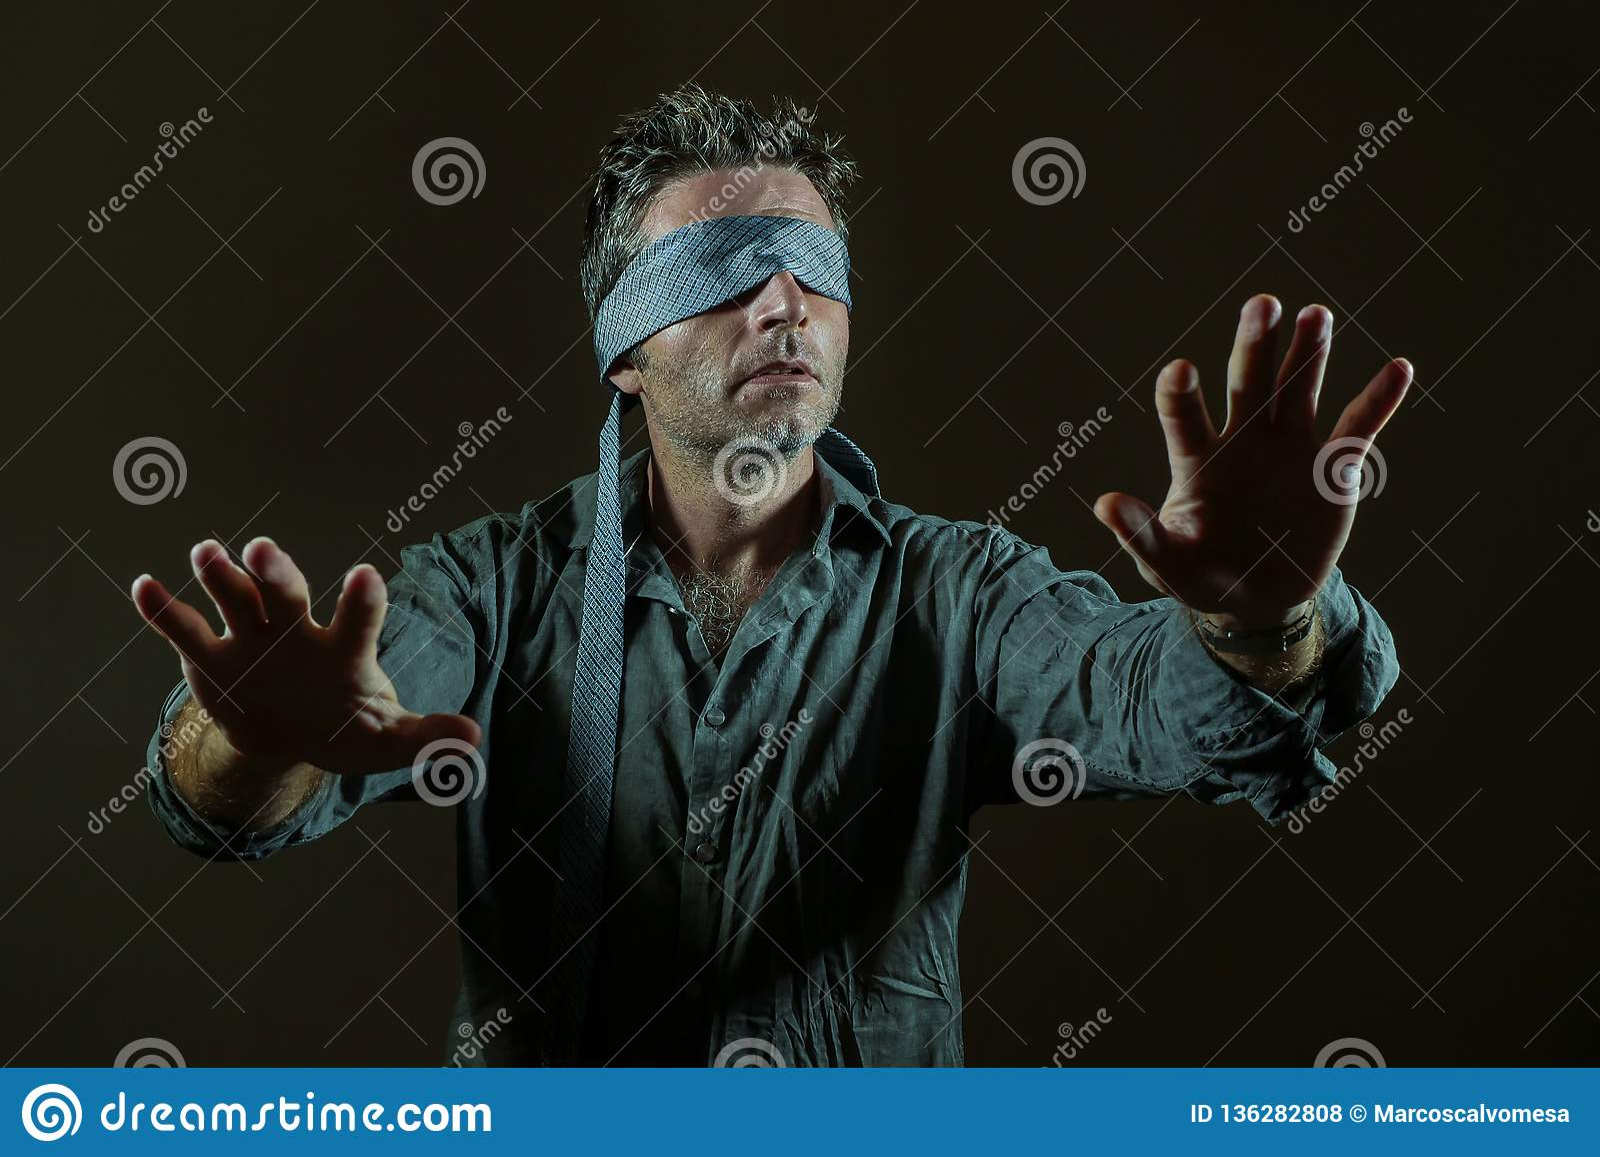 Potomstwa gubjący i wprawiać w zakłopotanie mężczyzna z zasłoniętymi oczami z krawatem bawić się interneta trendu niebezpiecznego